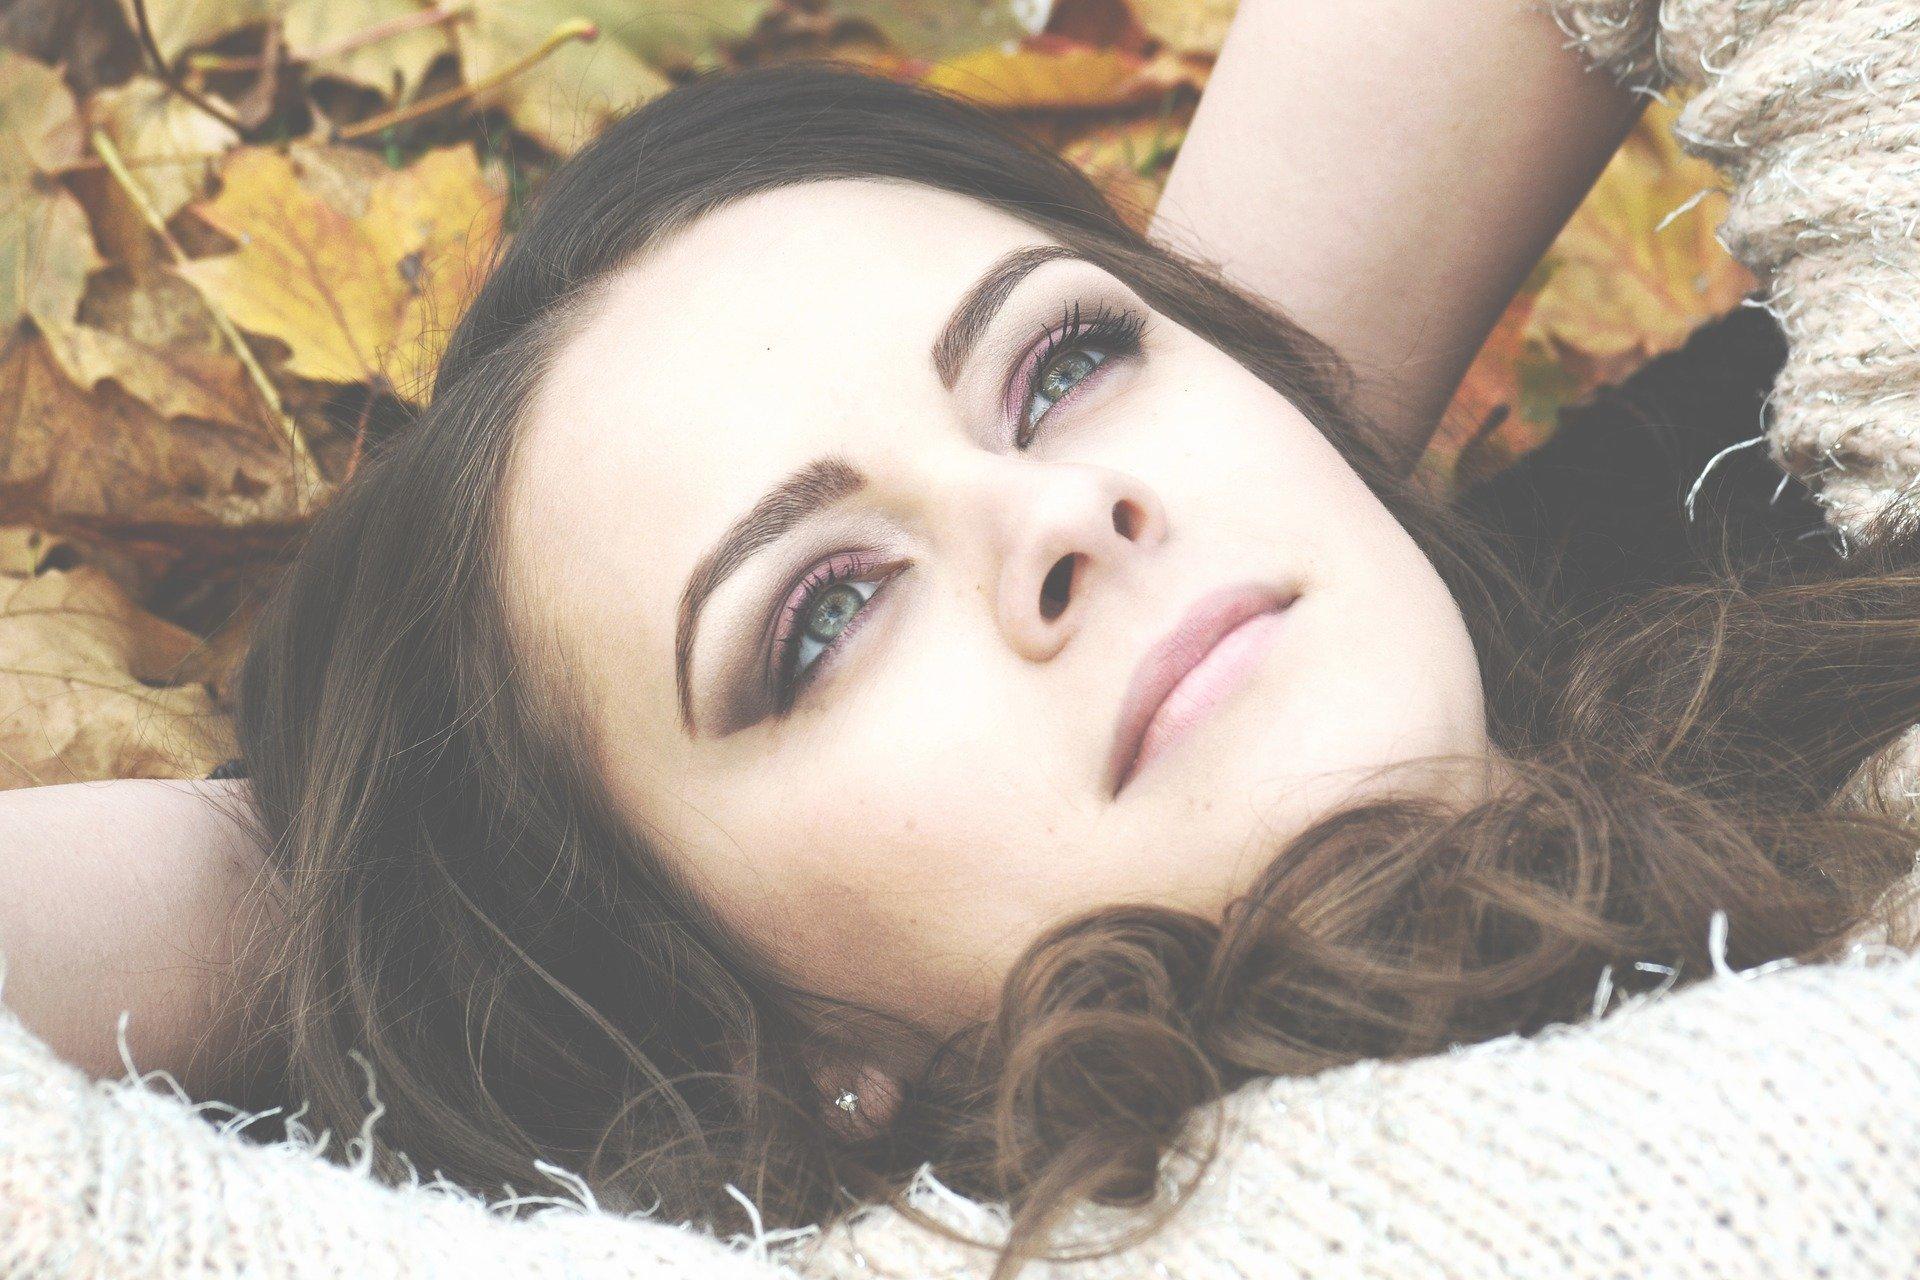 volto di una donna sdraiata a terra tra le foglie autunnali